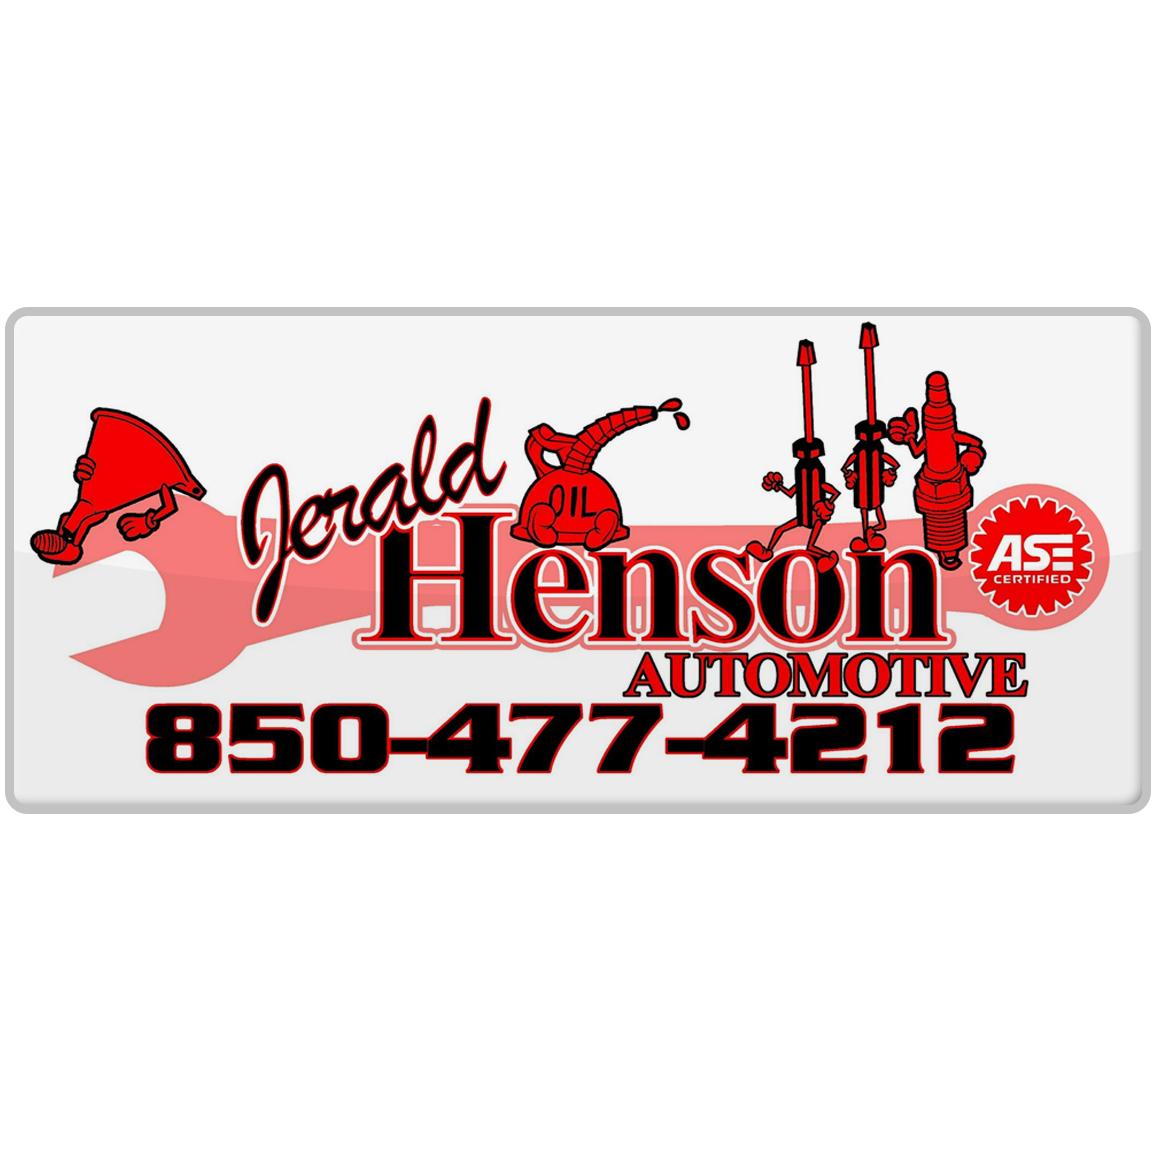 Jerald Henson Automotive, Inc